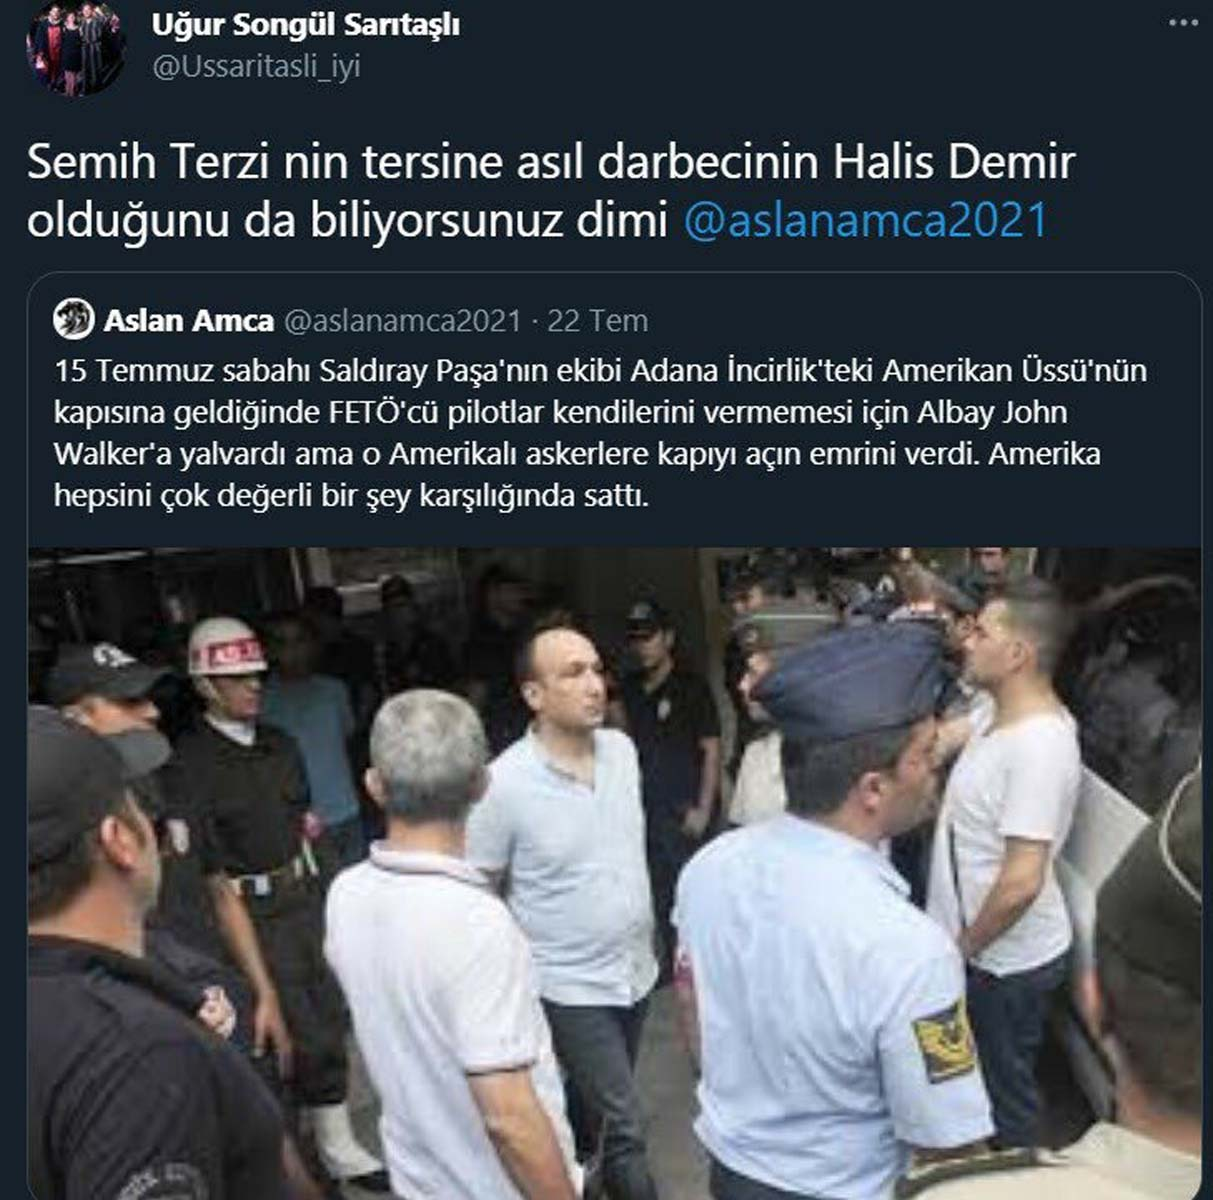 Ömer Halisdemir için darbeci diyen İYİ Partili Uğur Songül Sarıtaşlı partisinden istifa etti! Başsavcılık jet hızıyla harekete geçti